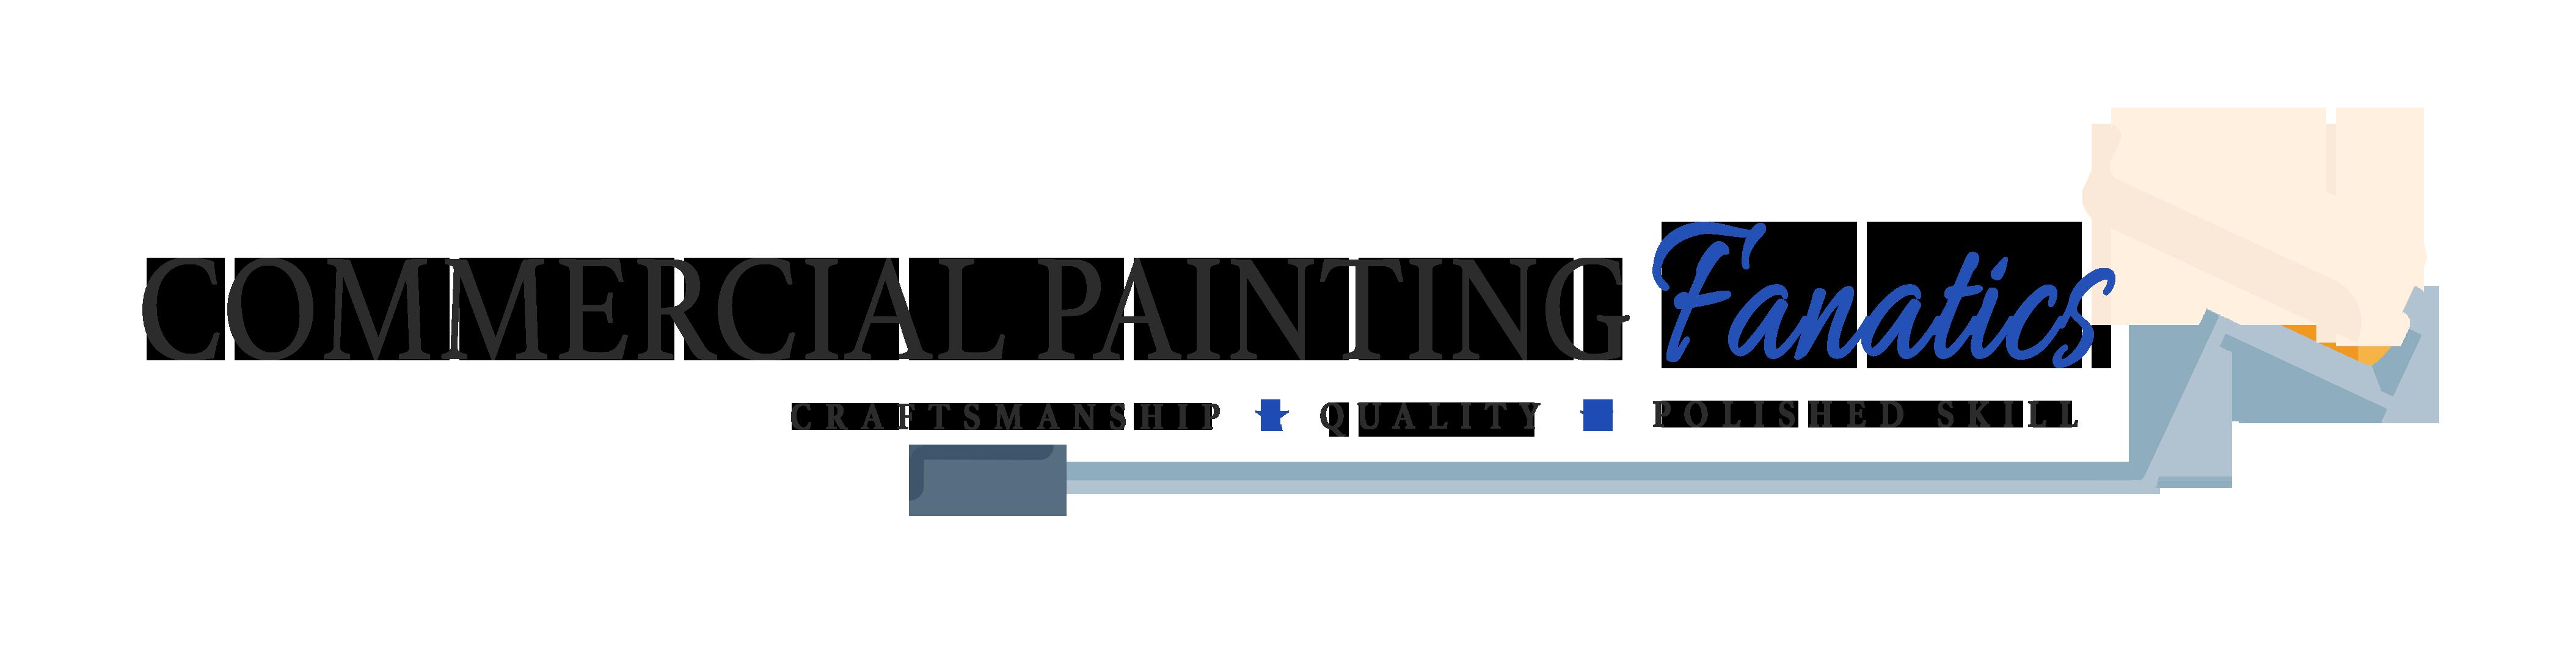 Commercial painters fanatics Cleveland